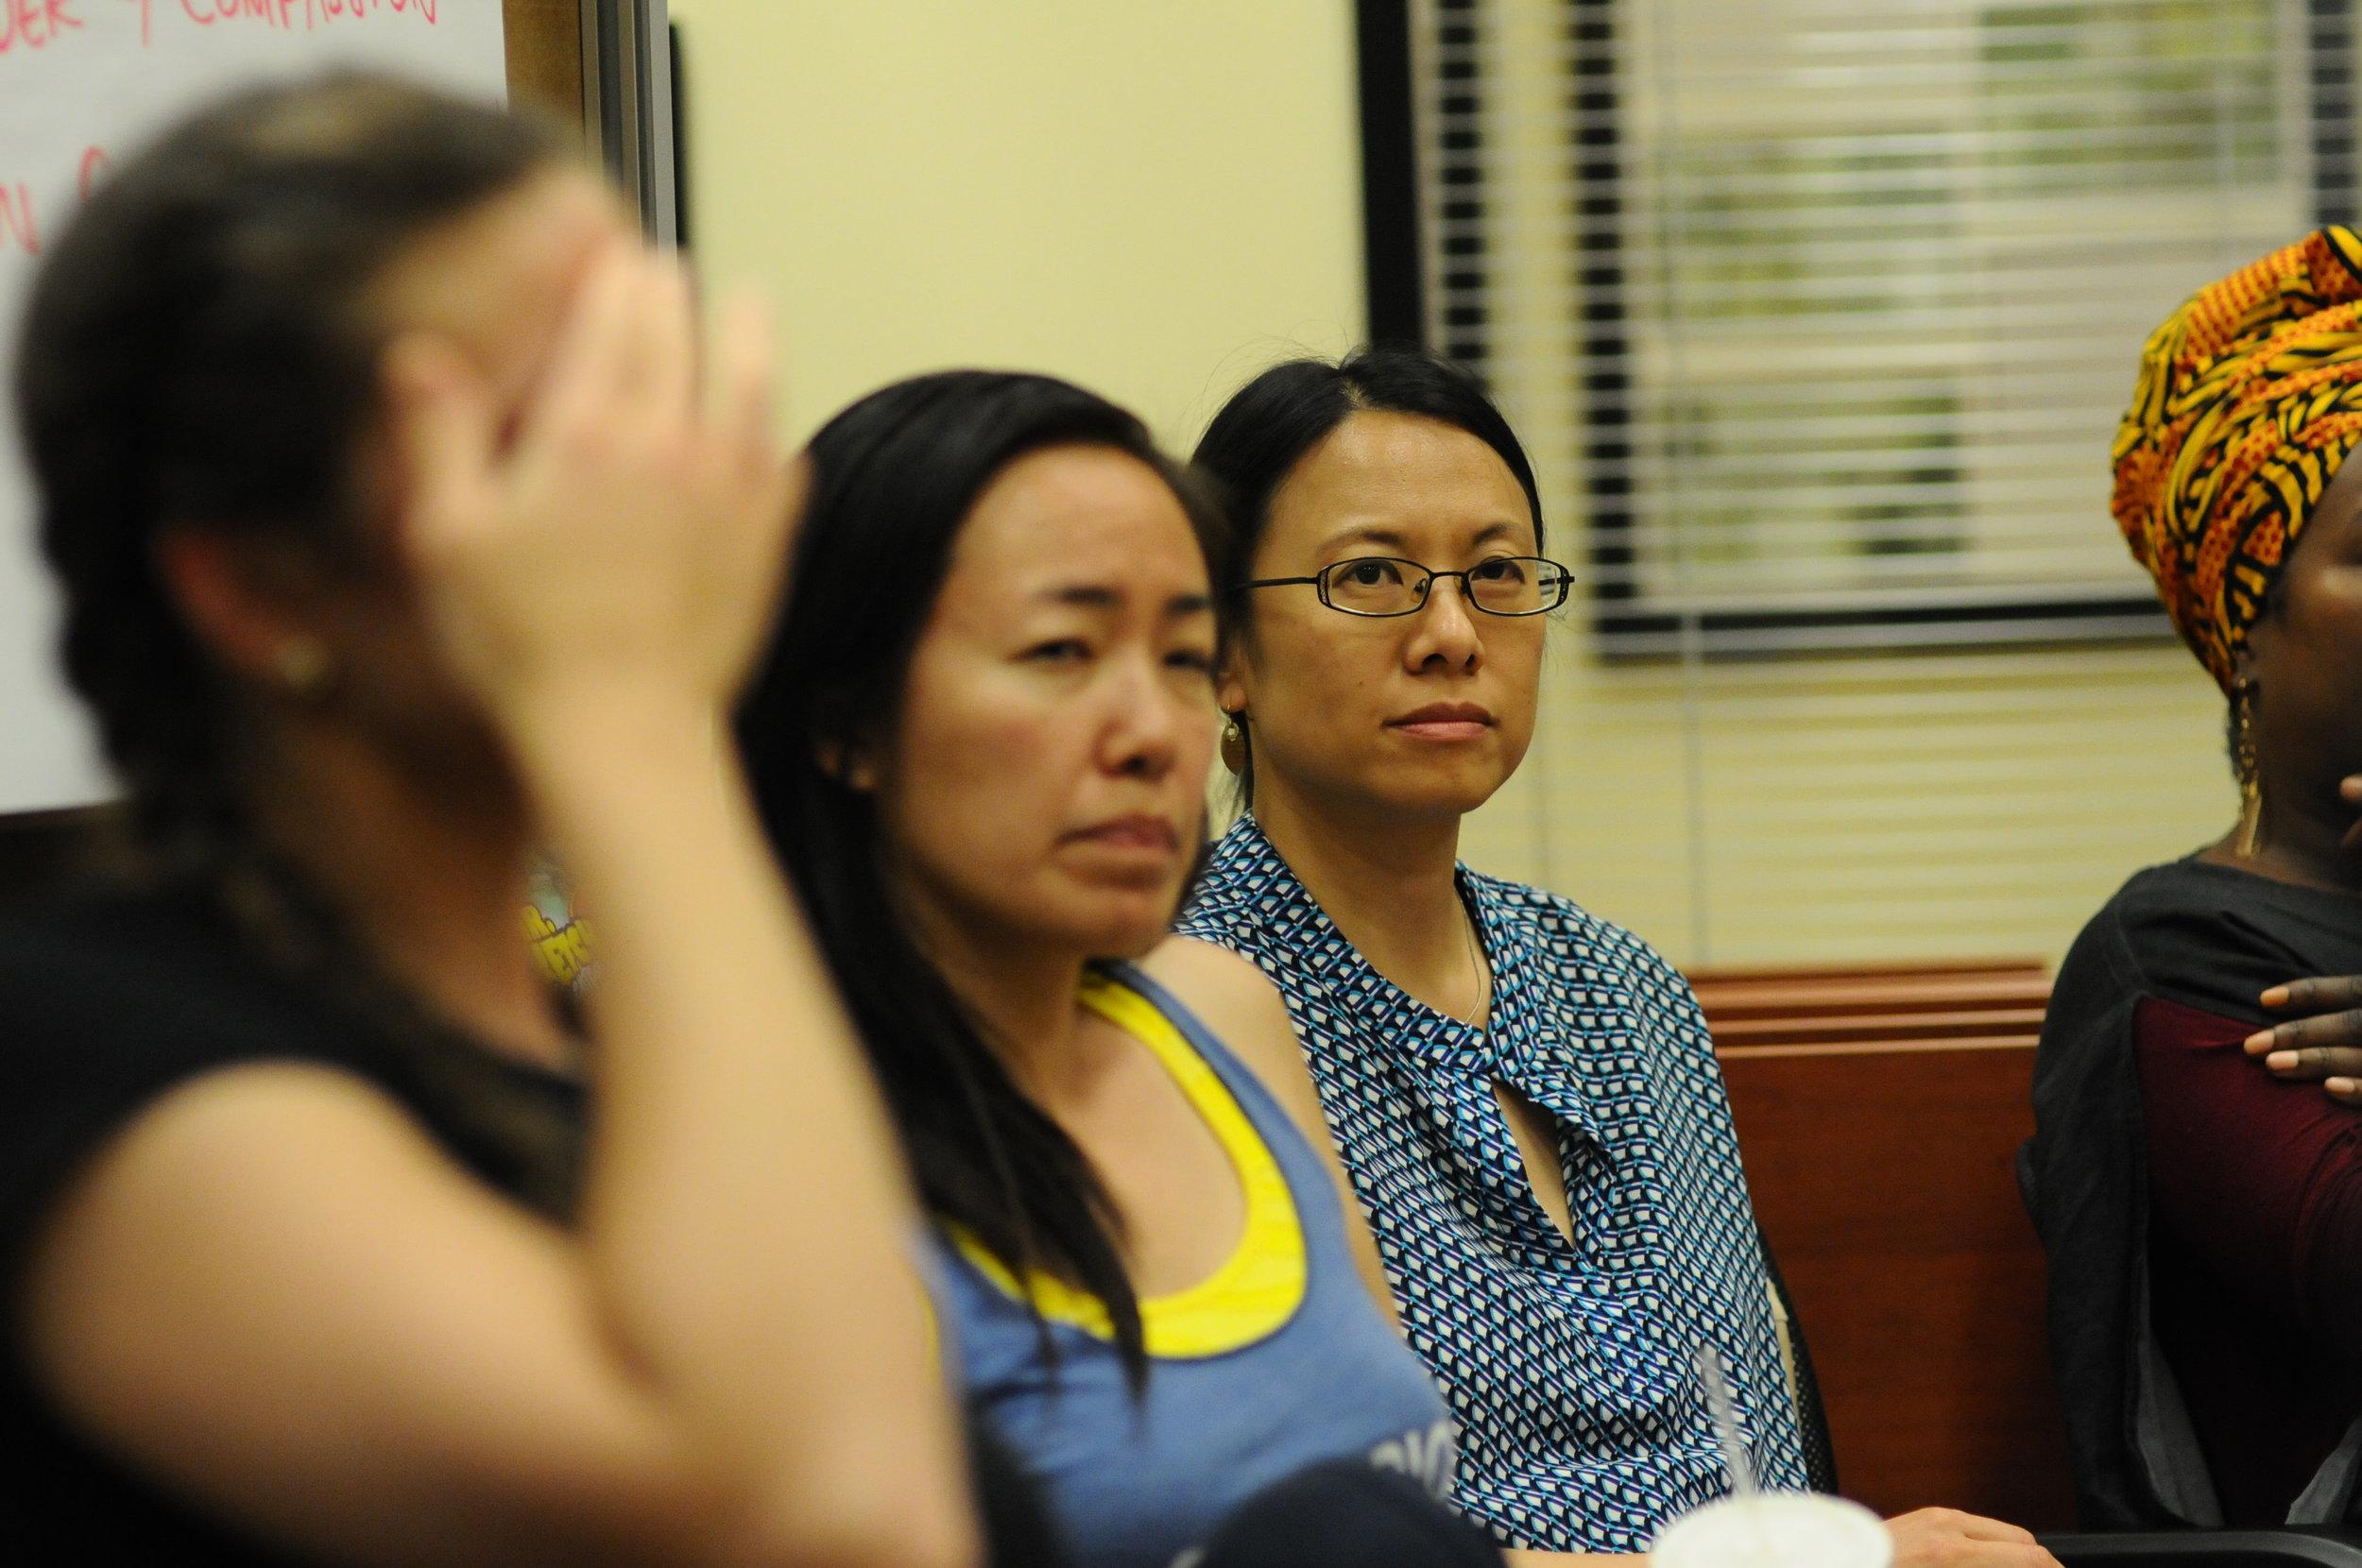 Oakland Equity team comm leader training wkshp 2 038.JPG